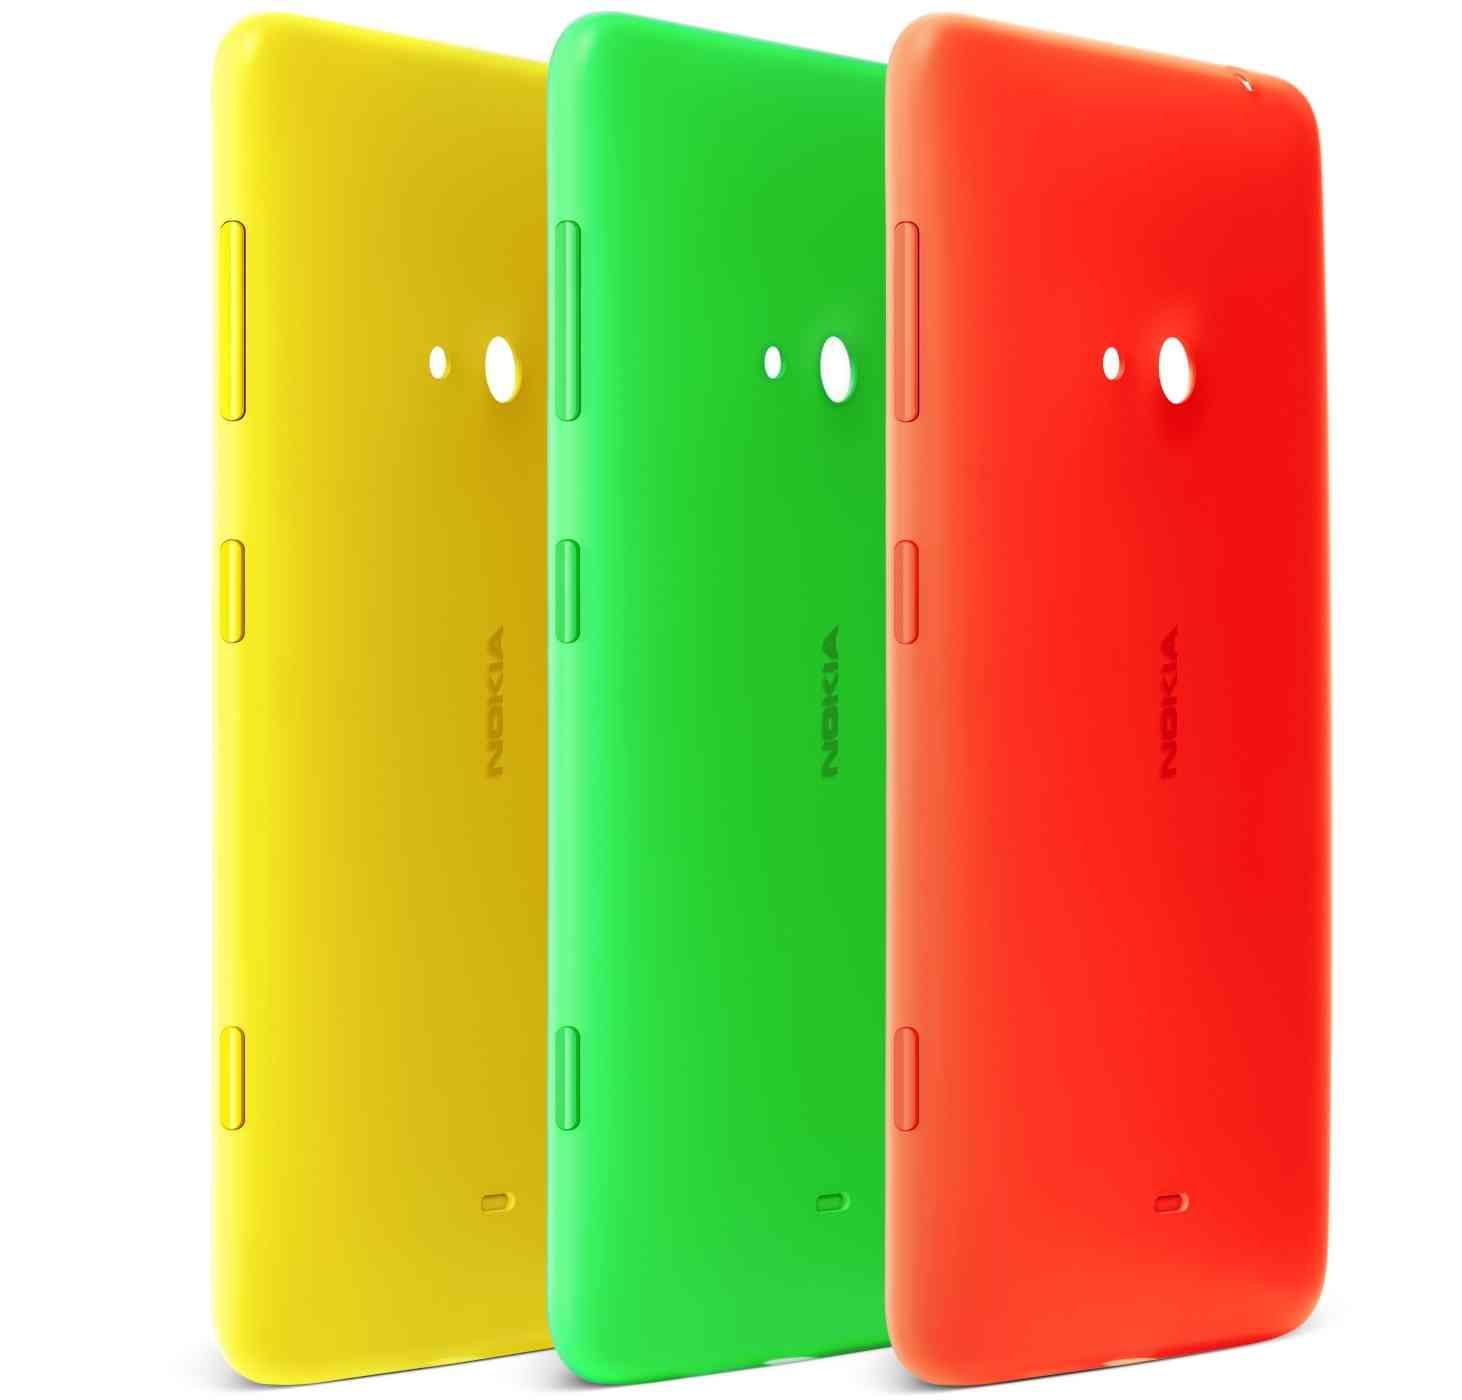 Nokia Lumia 625 presentato, caratteristiche, galleria immagini e video